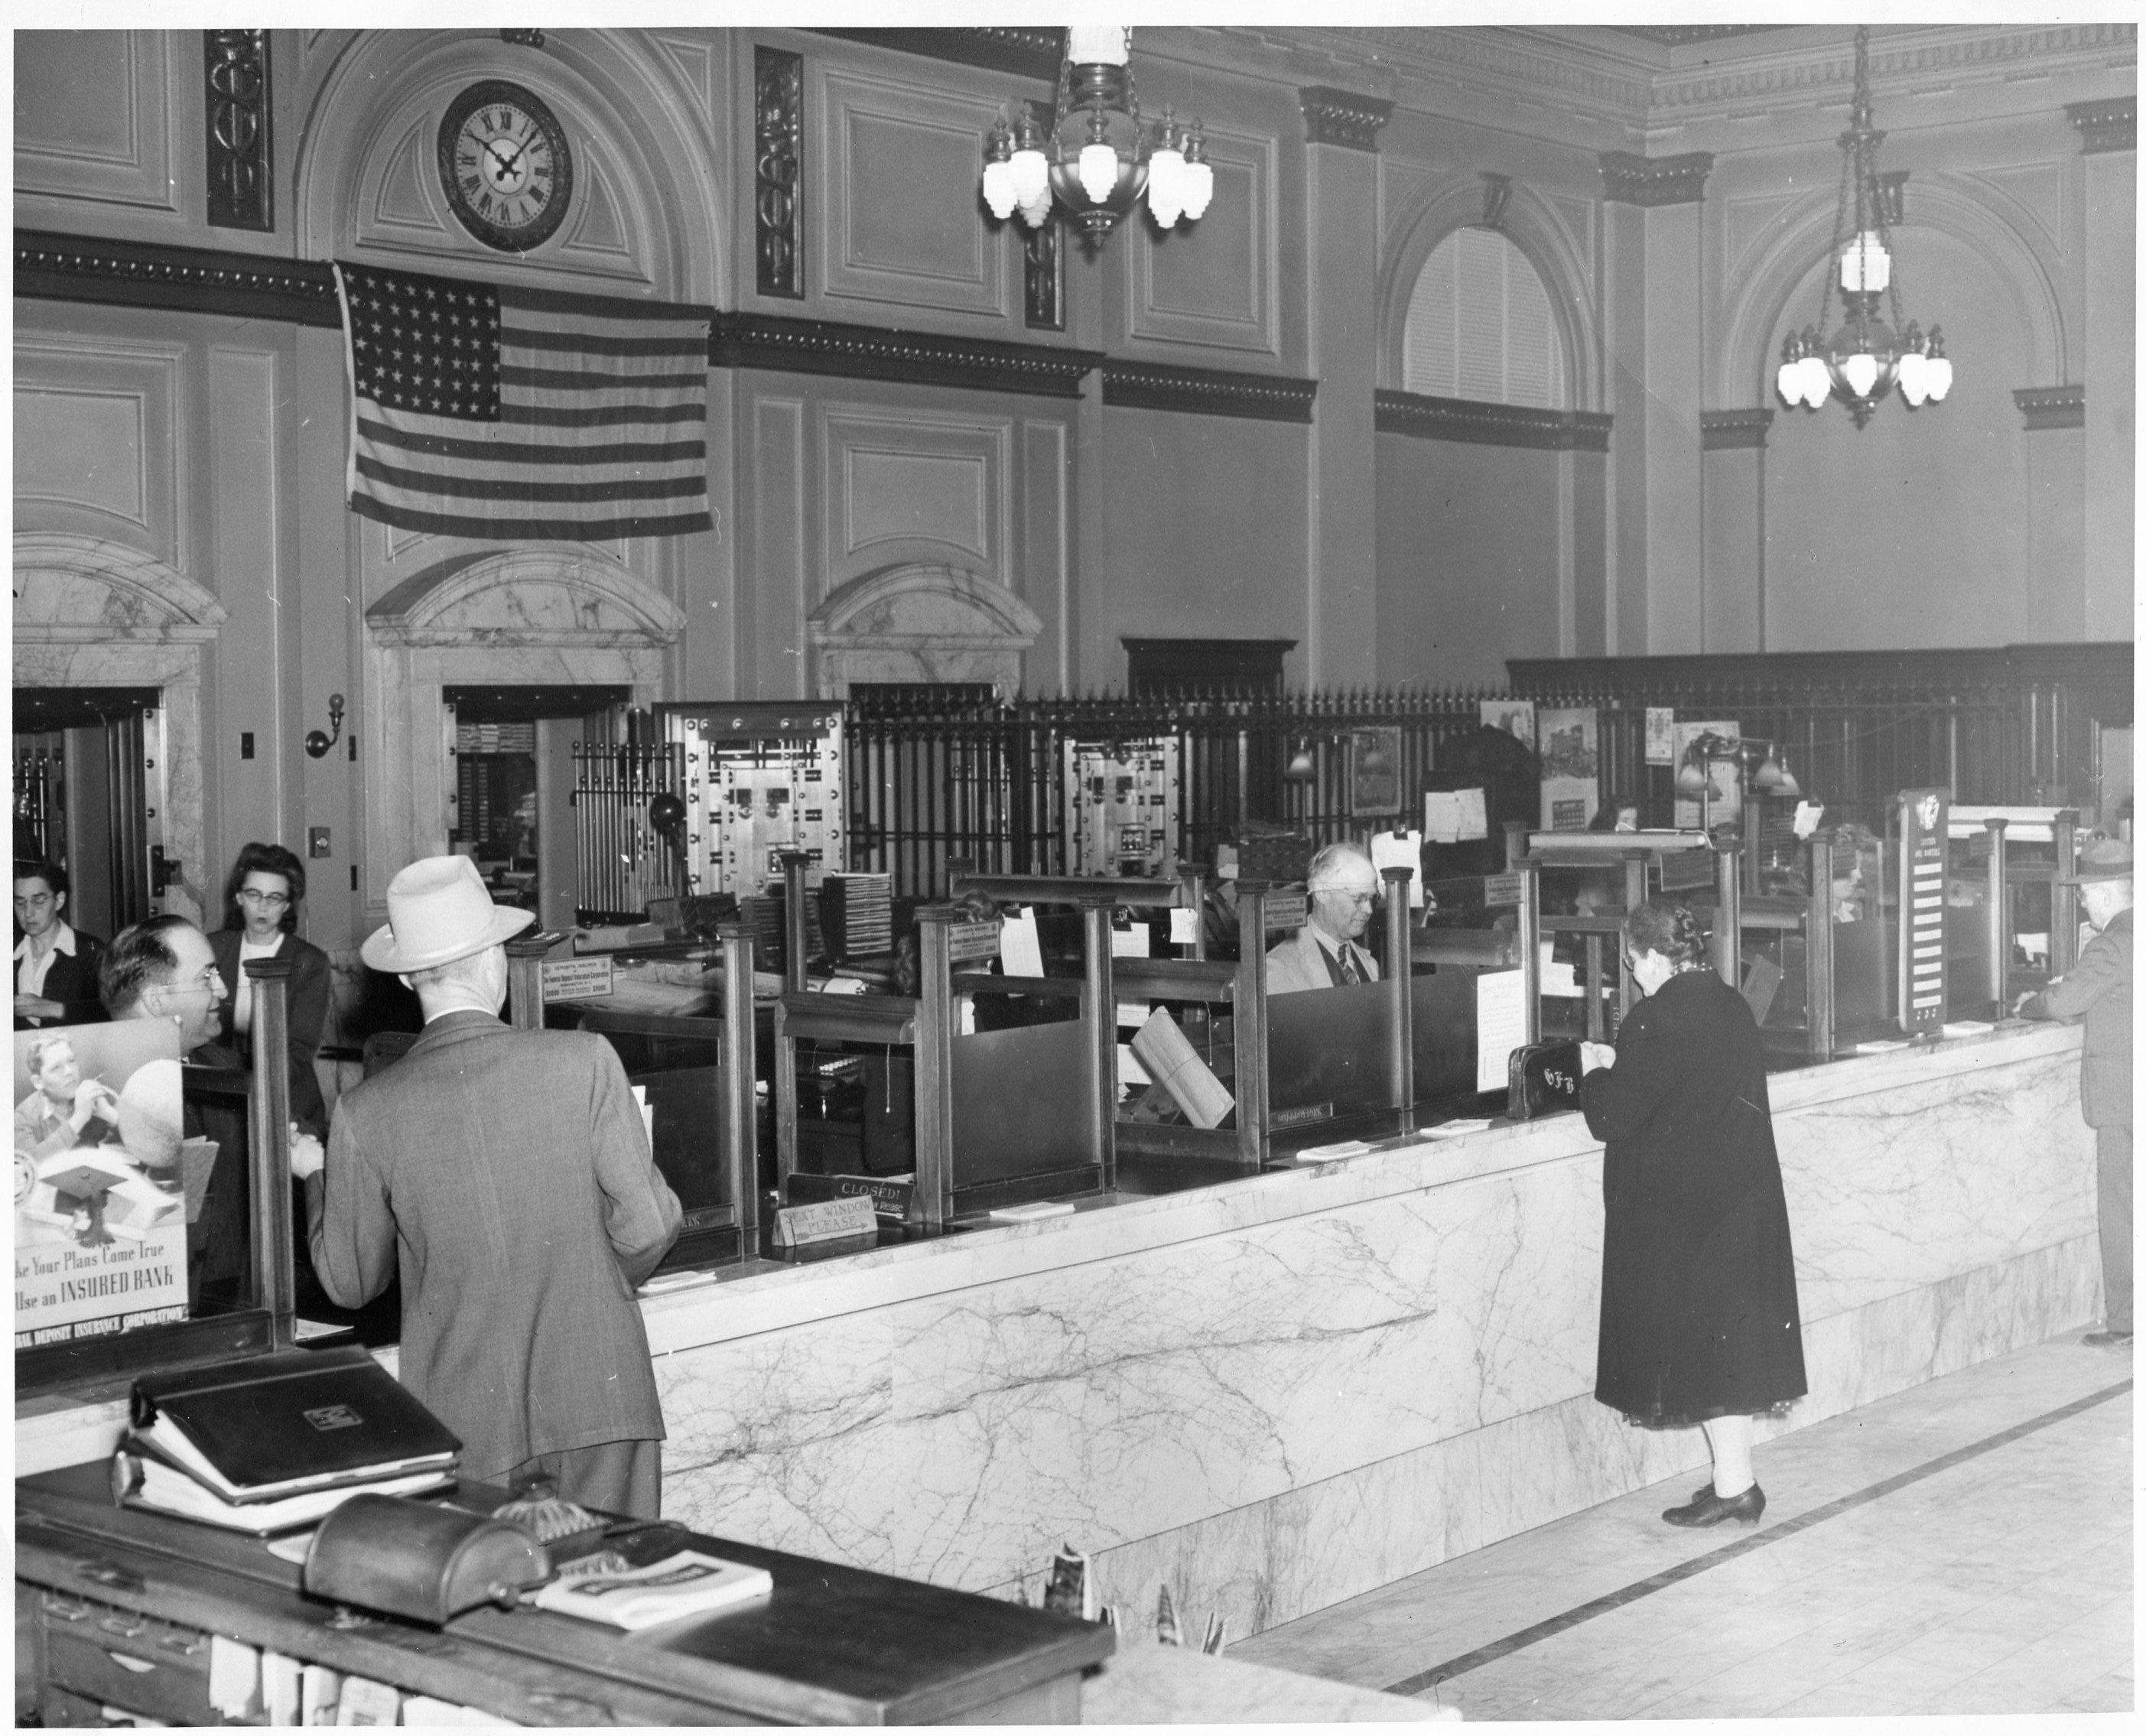 C. 1920s - 1930s, Bank Teller Stations